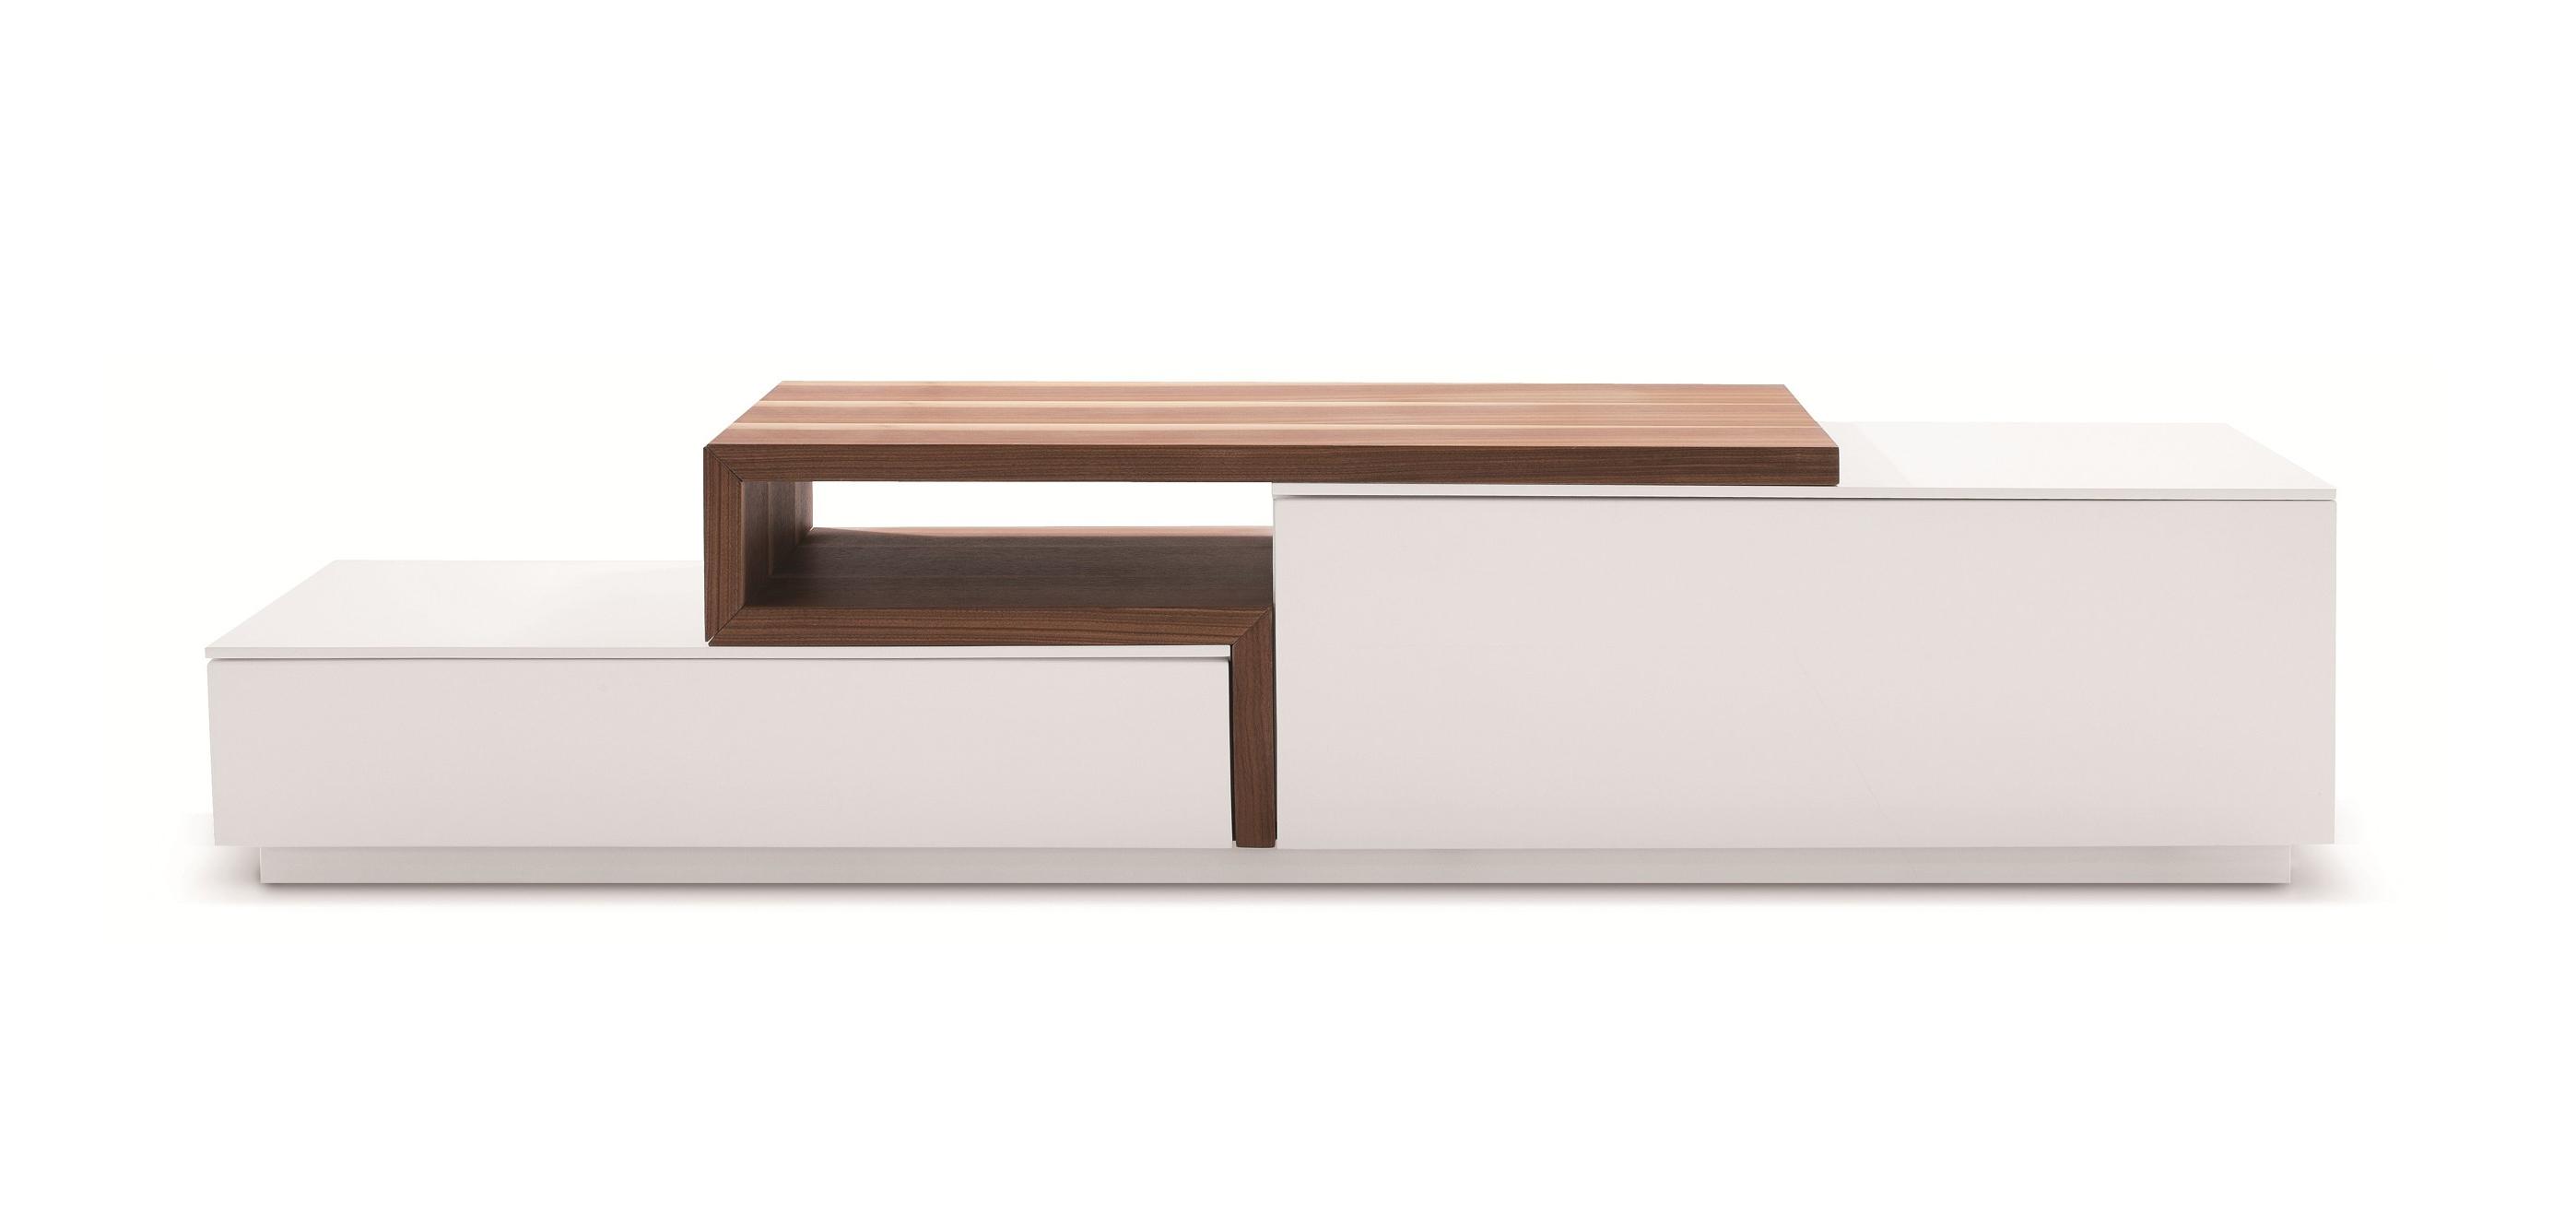 Cheap Tv Stand Ikea Hemnes White 60 Inch Overstock Mid Century In Century White 60 Inch Tv Stands (View 3 of 20)